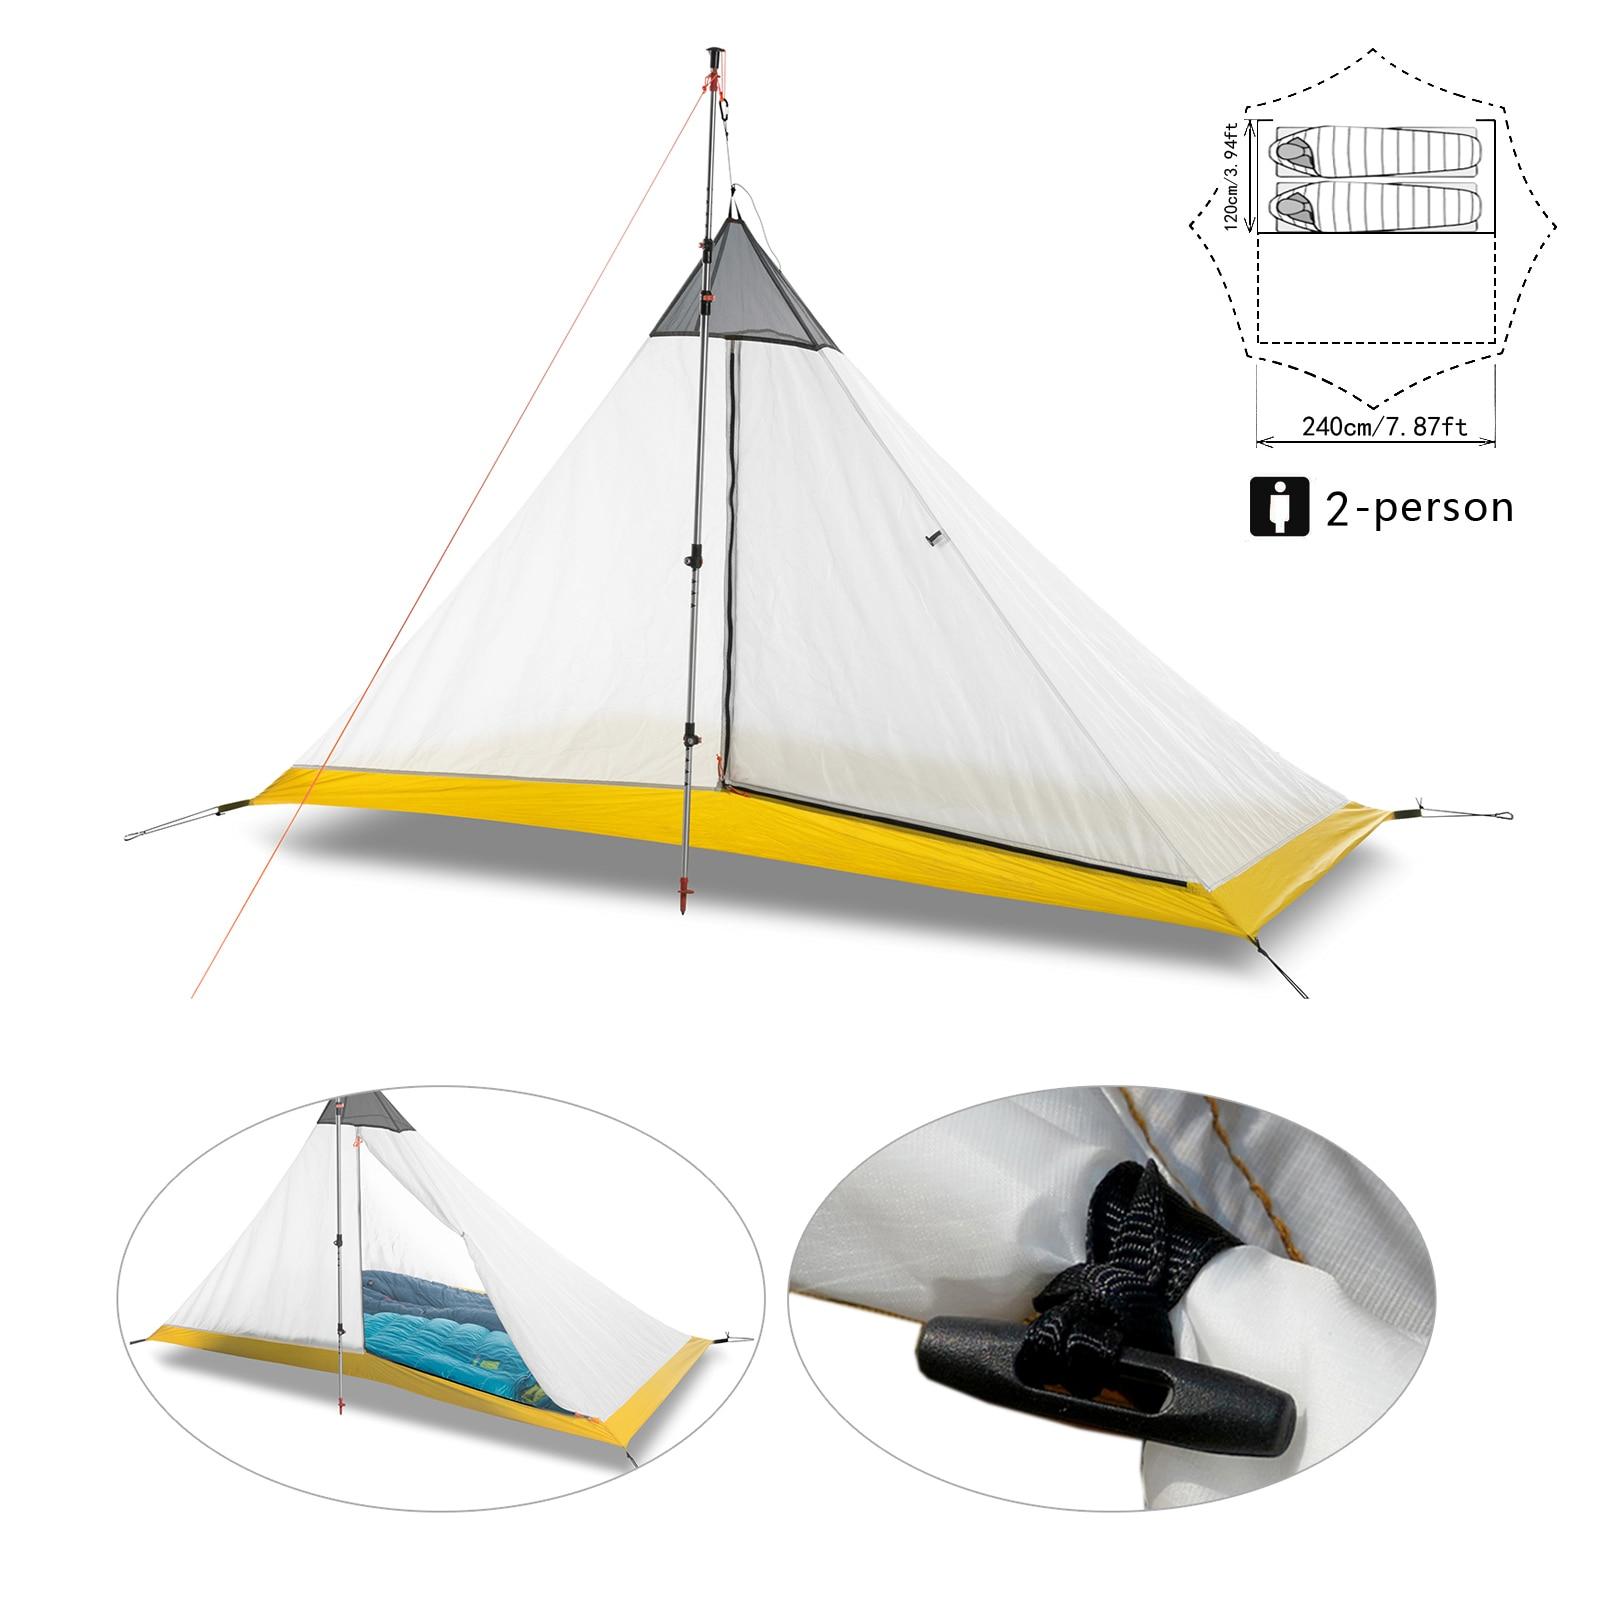 Ultraleicht Camping Zelt 2-4 Person Outdoor 40D Nylon Silikon Beschichtet Kolbenstangenlosen Pyramide Große Zelt Atmungsaktive 3-4 saison Innen Zelt